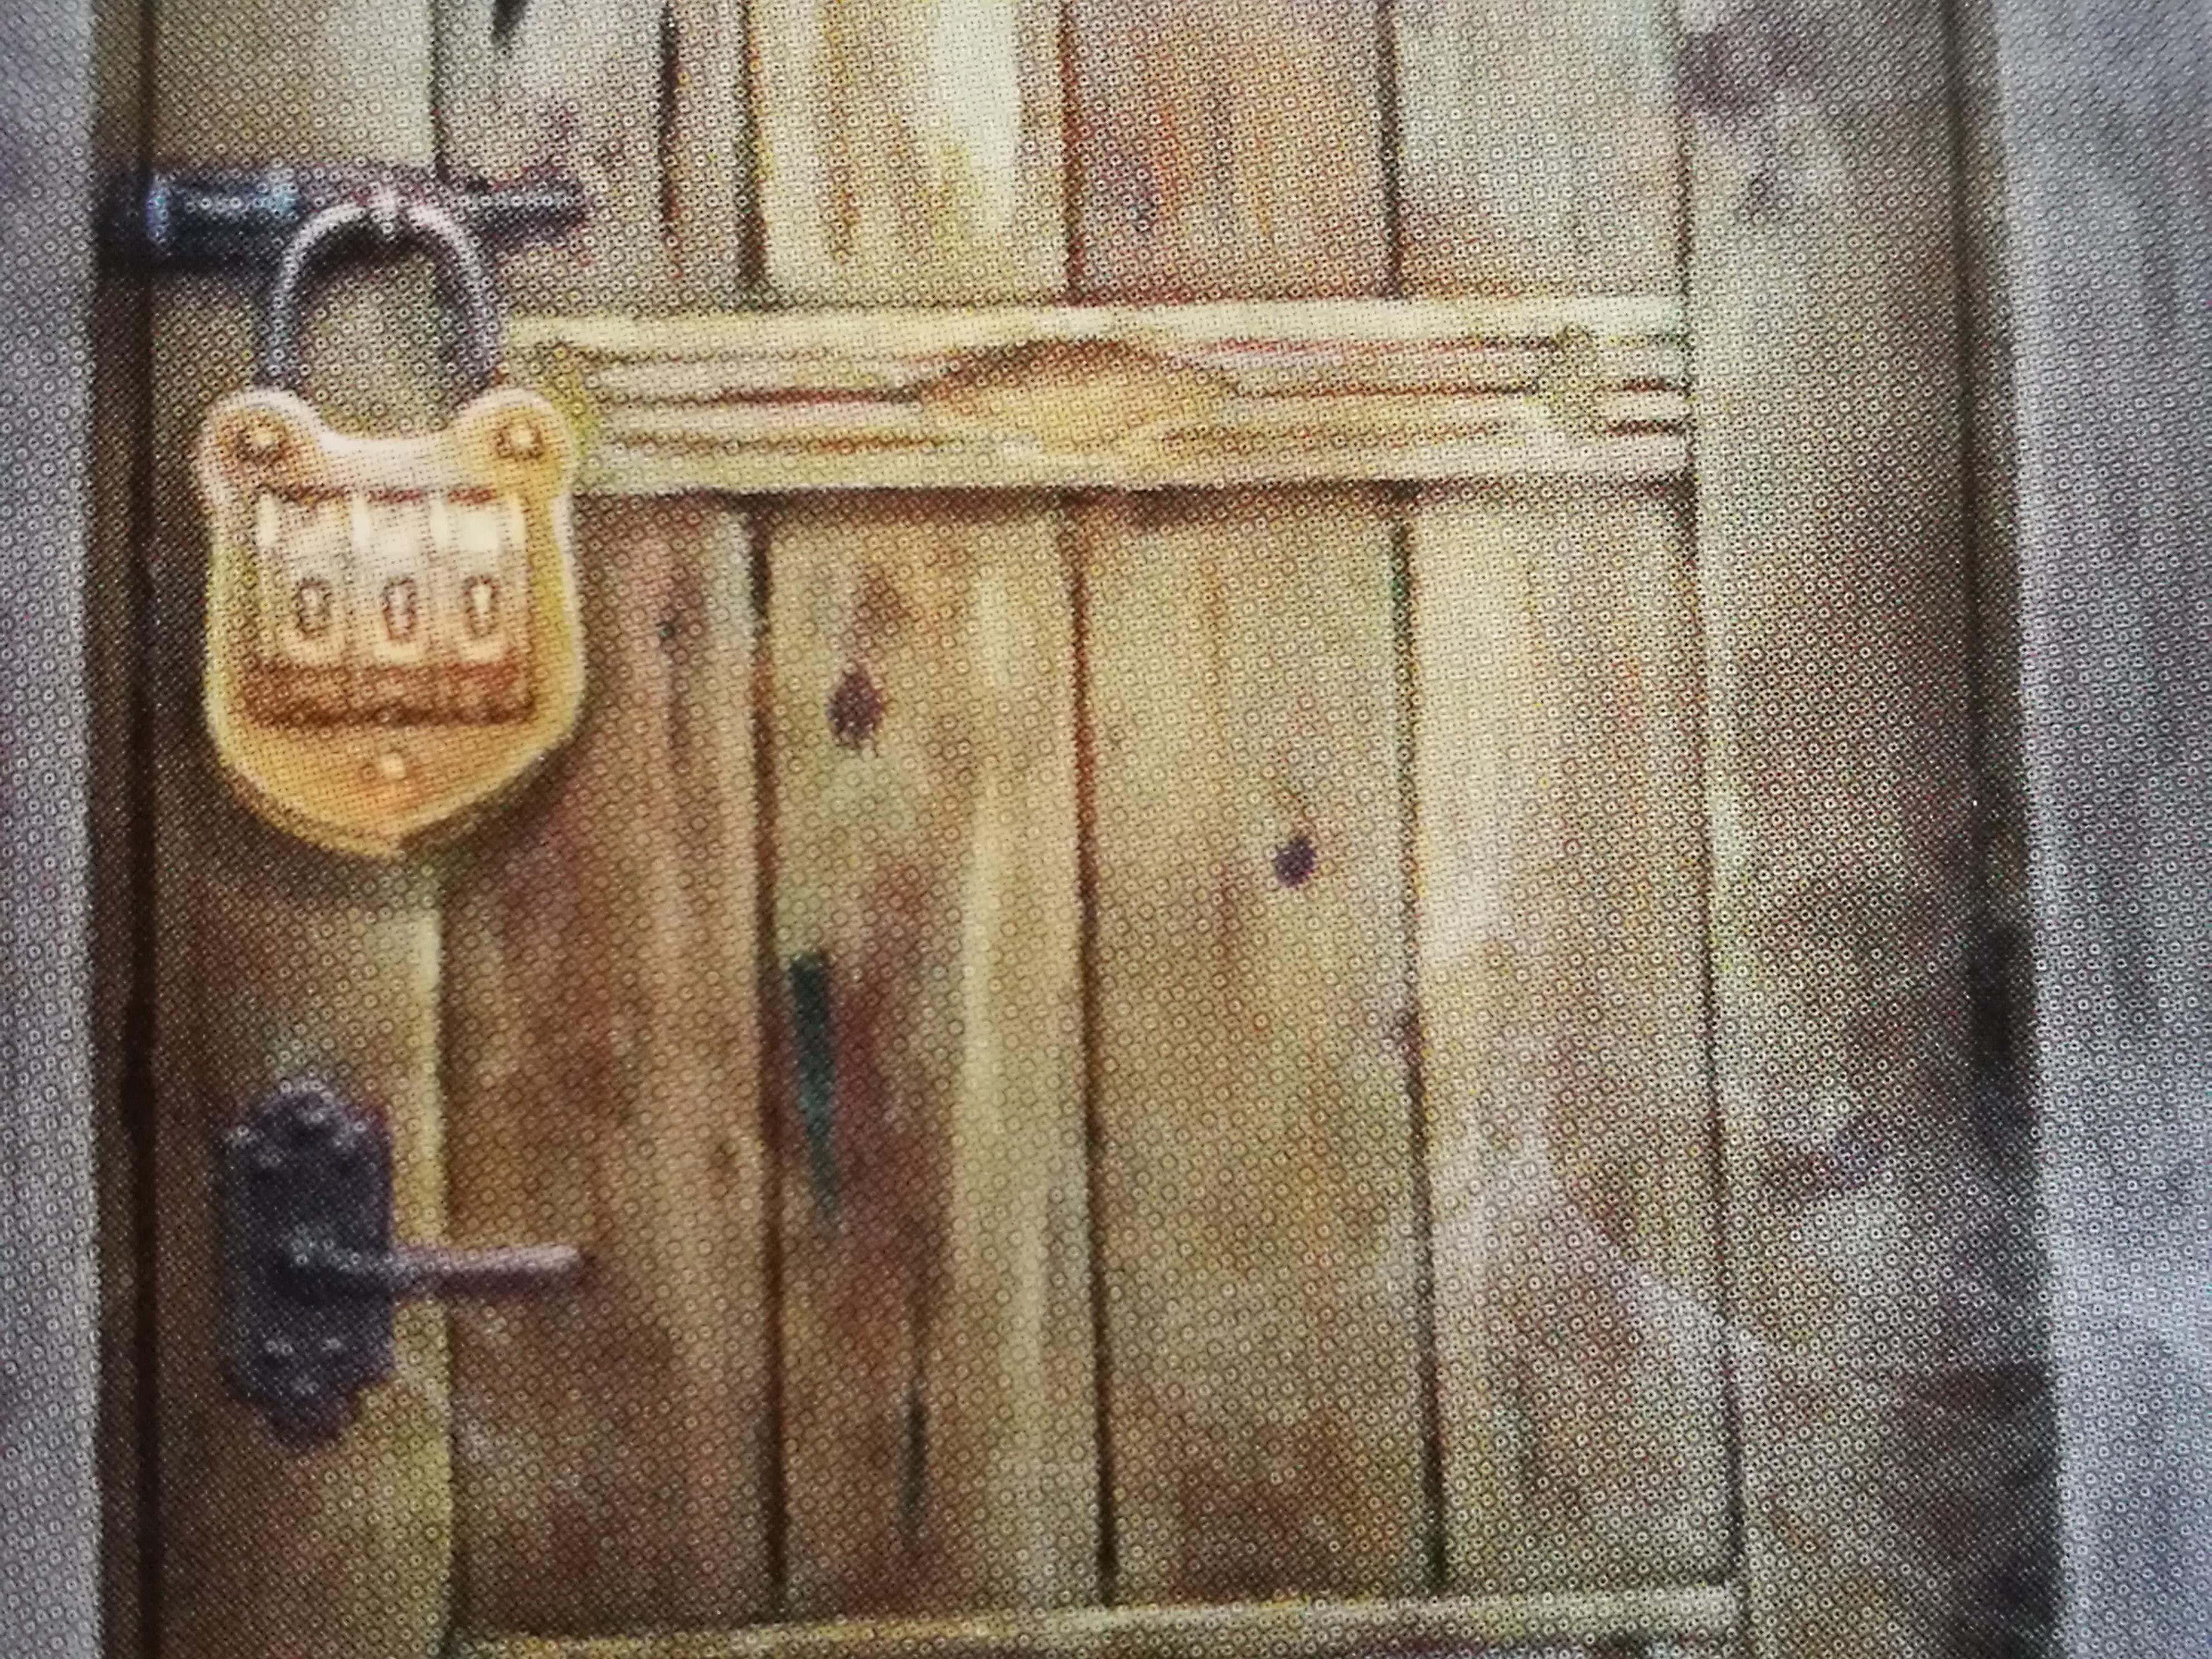 Verschlossene tür  Exit- Gefangen in der verlassenen Hütte – Schundkritik